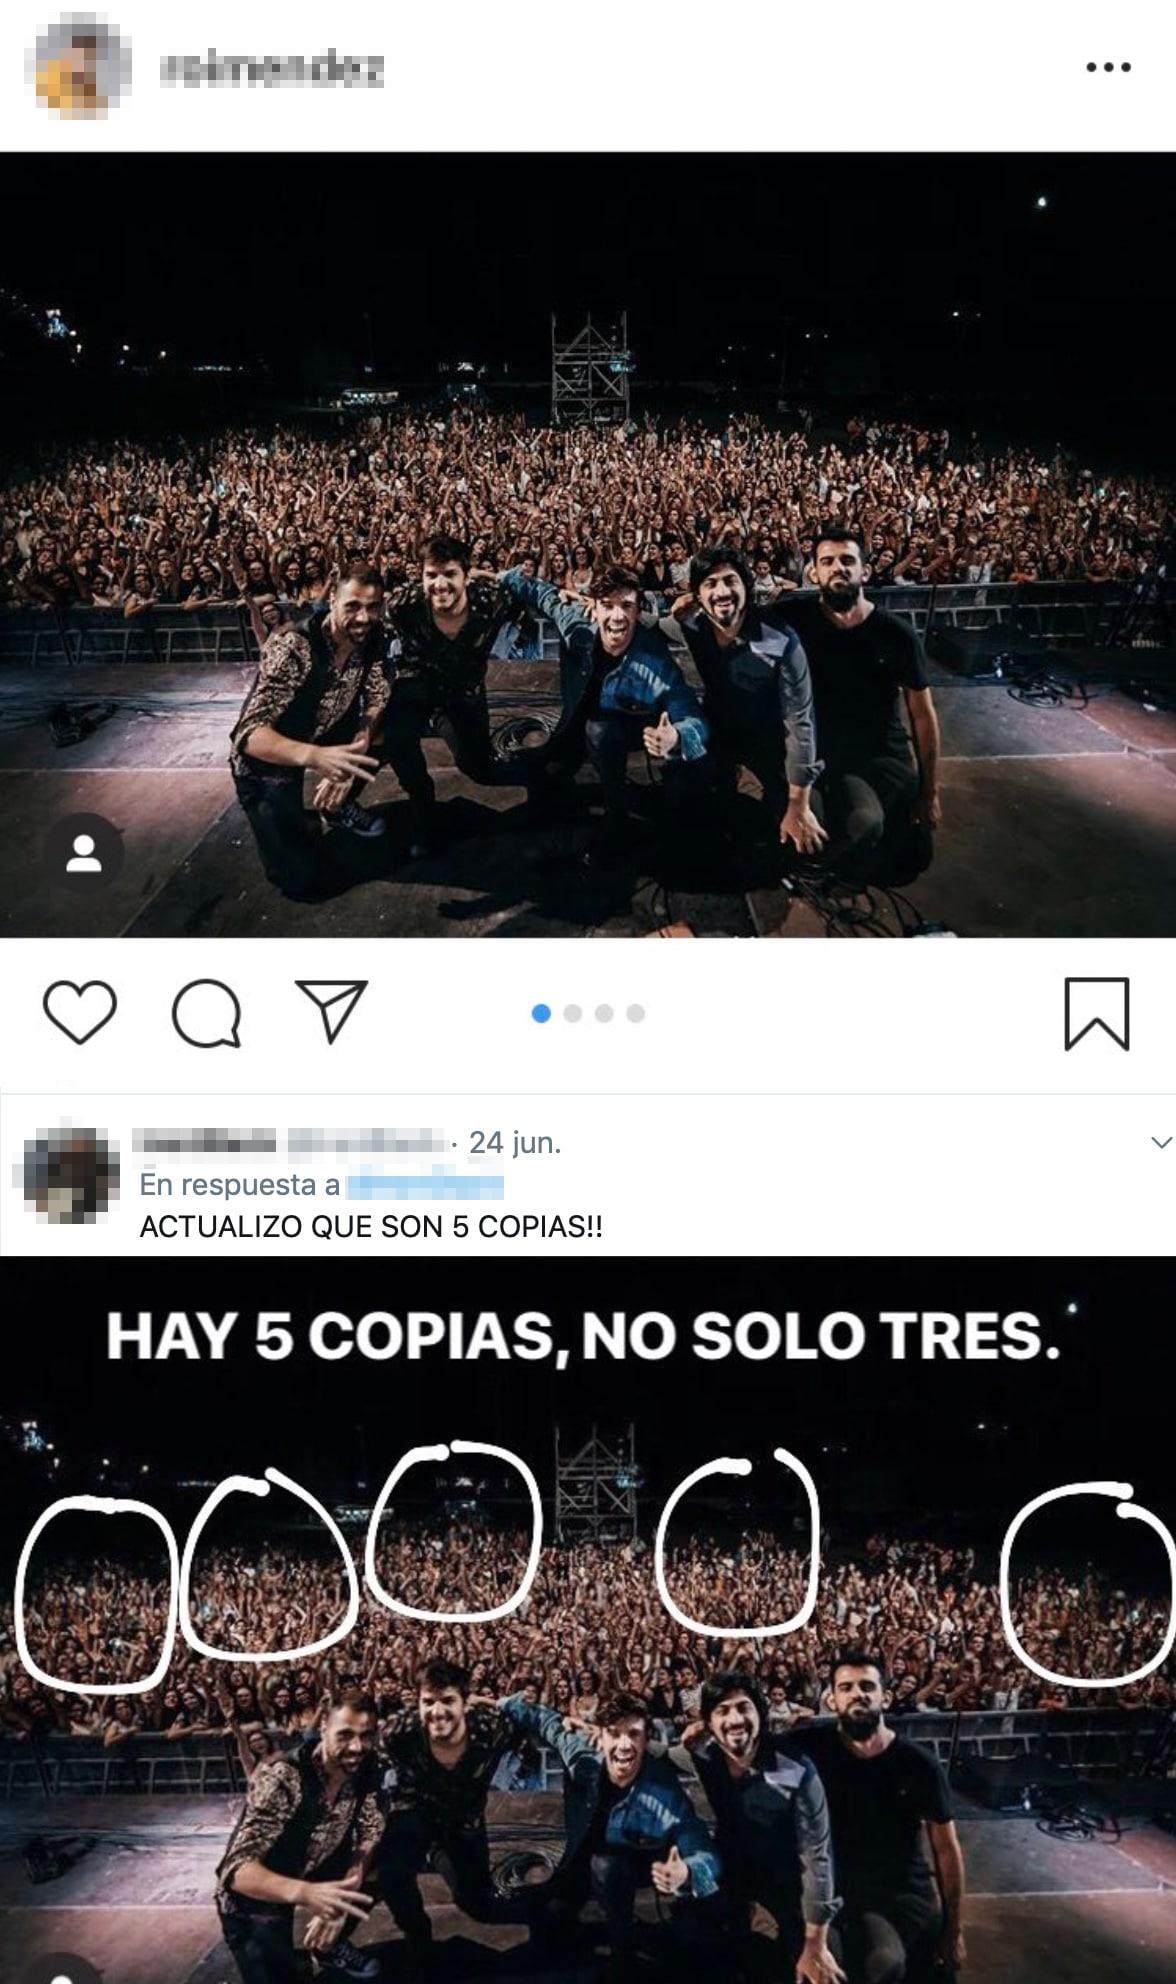 antor espanhol pediu que designer